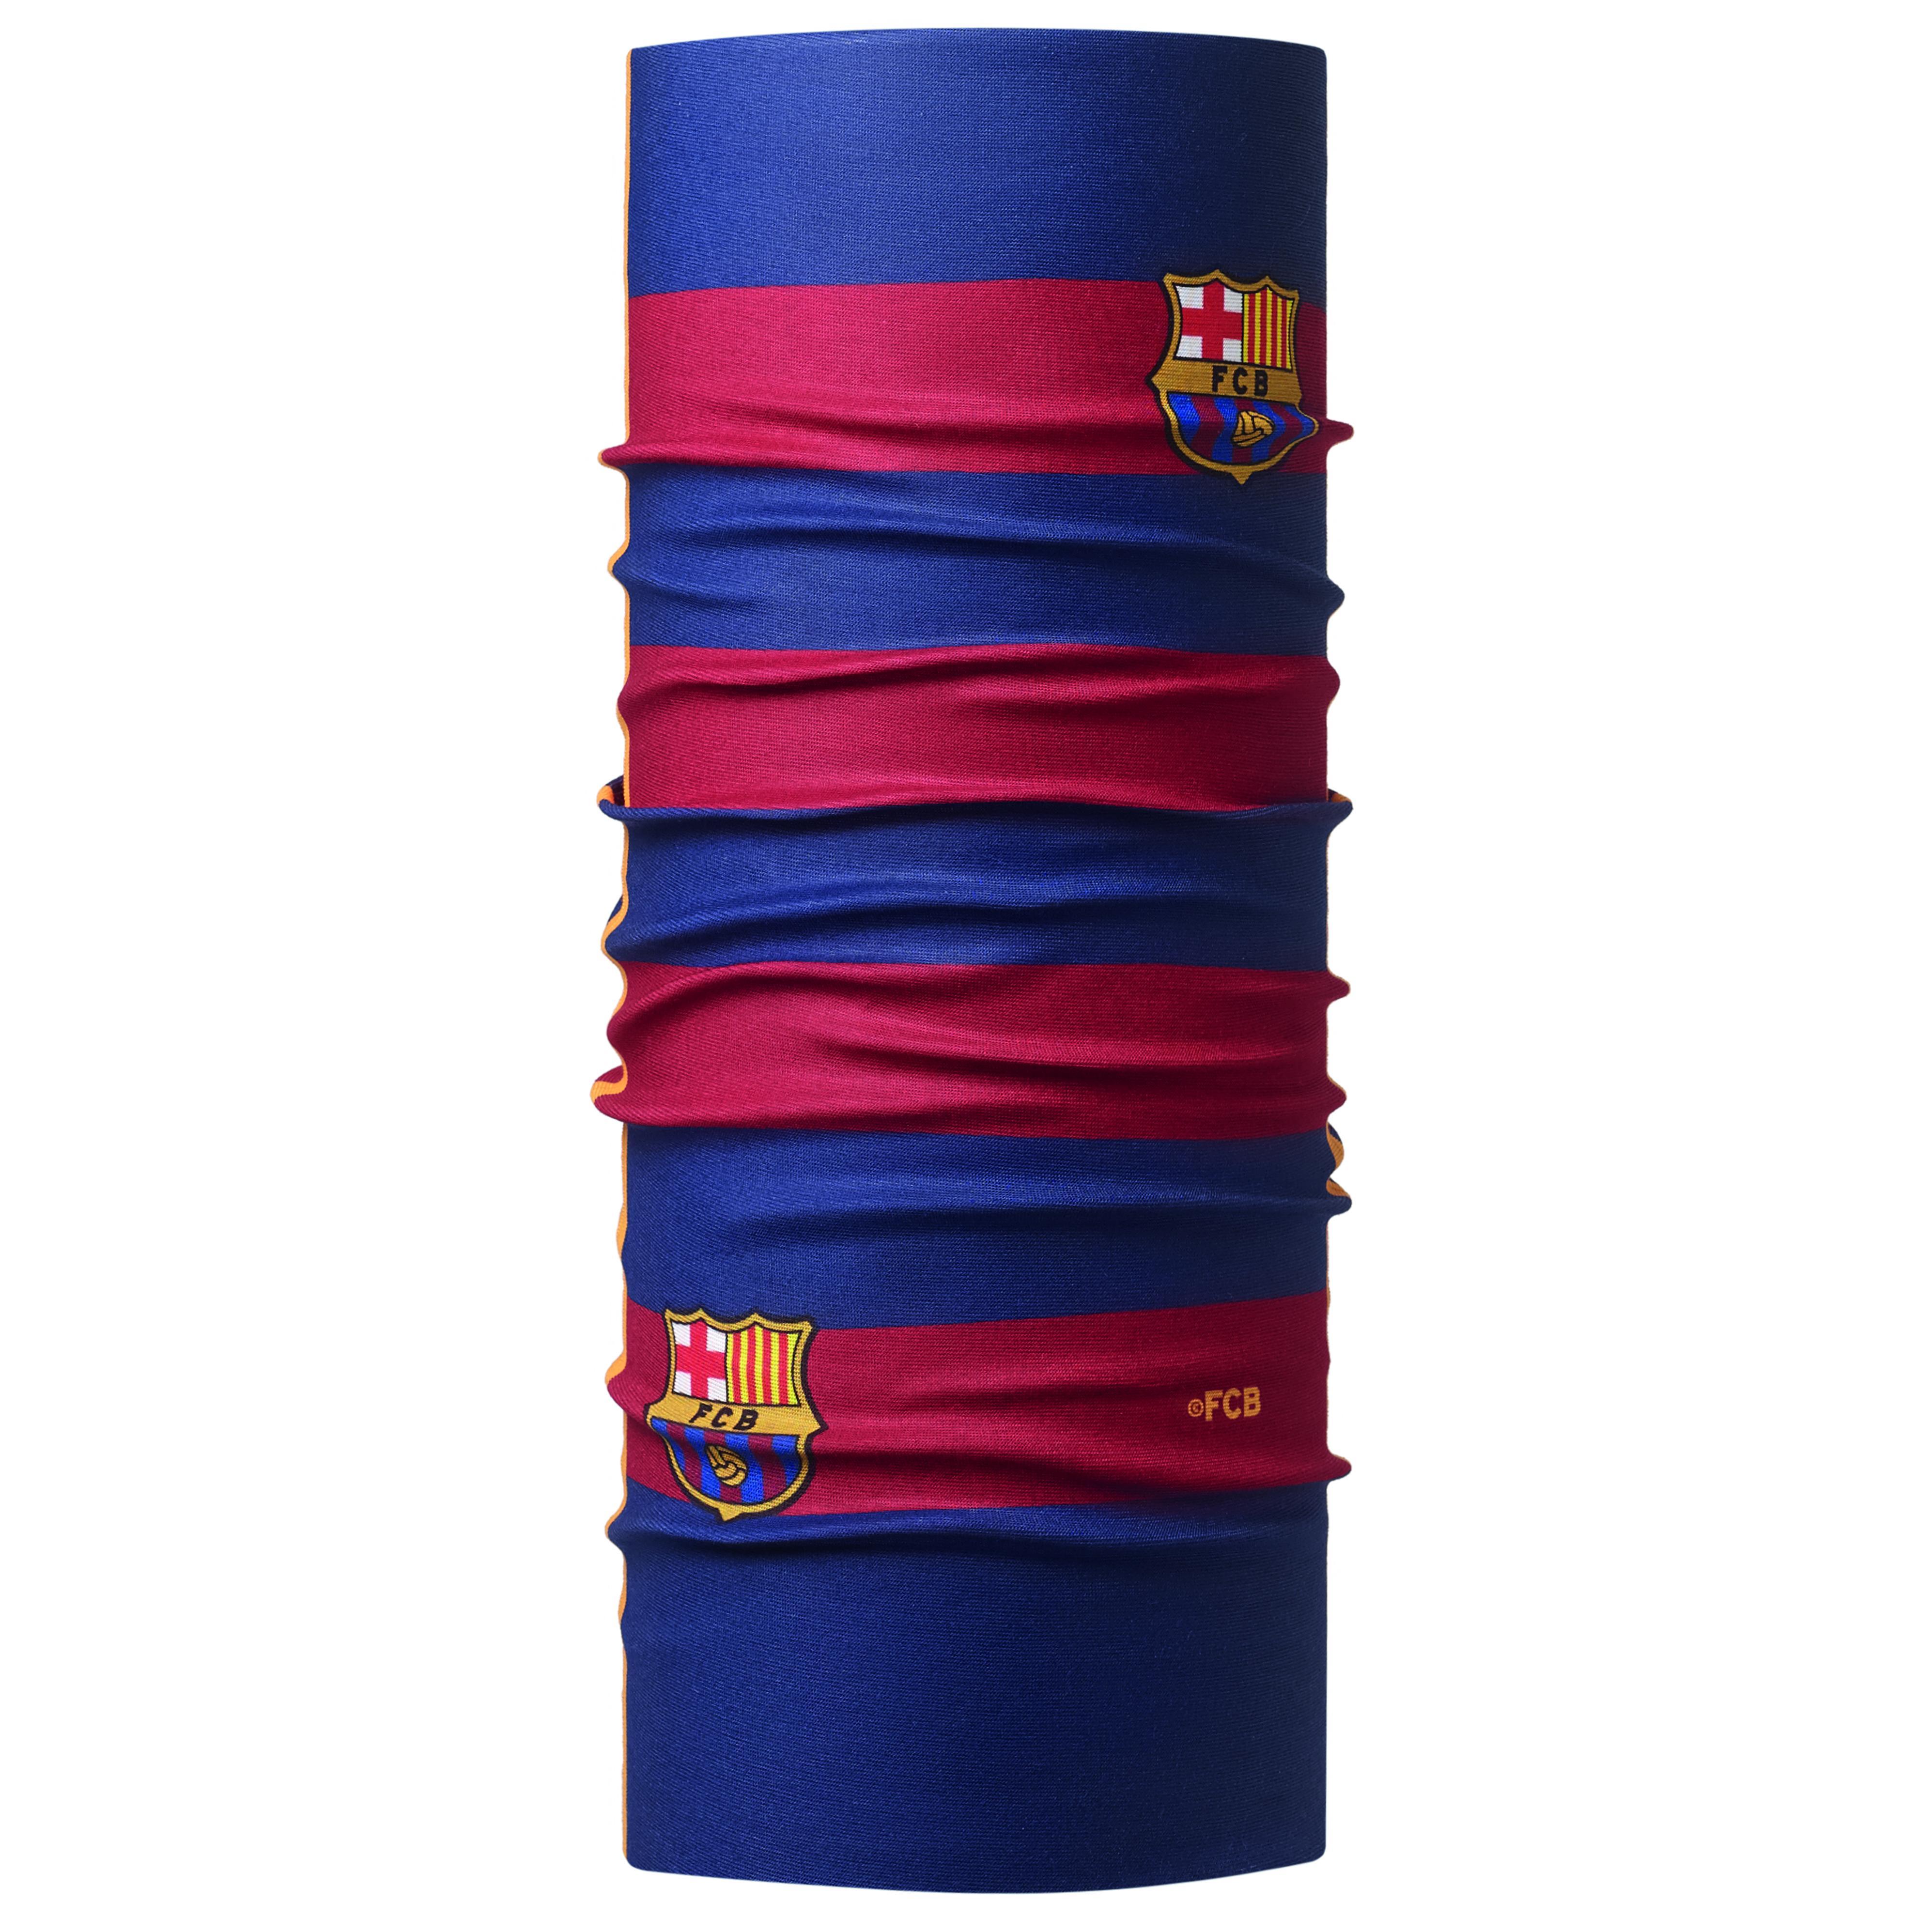 Купить Бандана BUFF Original Buff 1ST EQUIPMENT 15-16 Банданы и шарфы ® 1169075